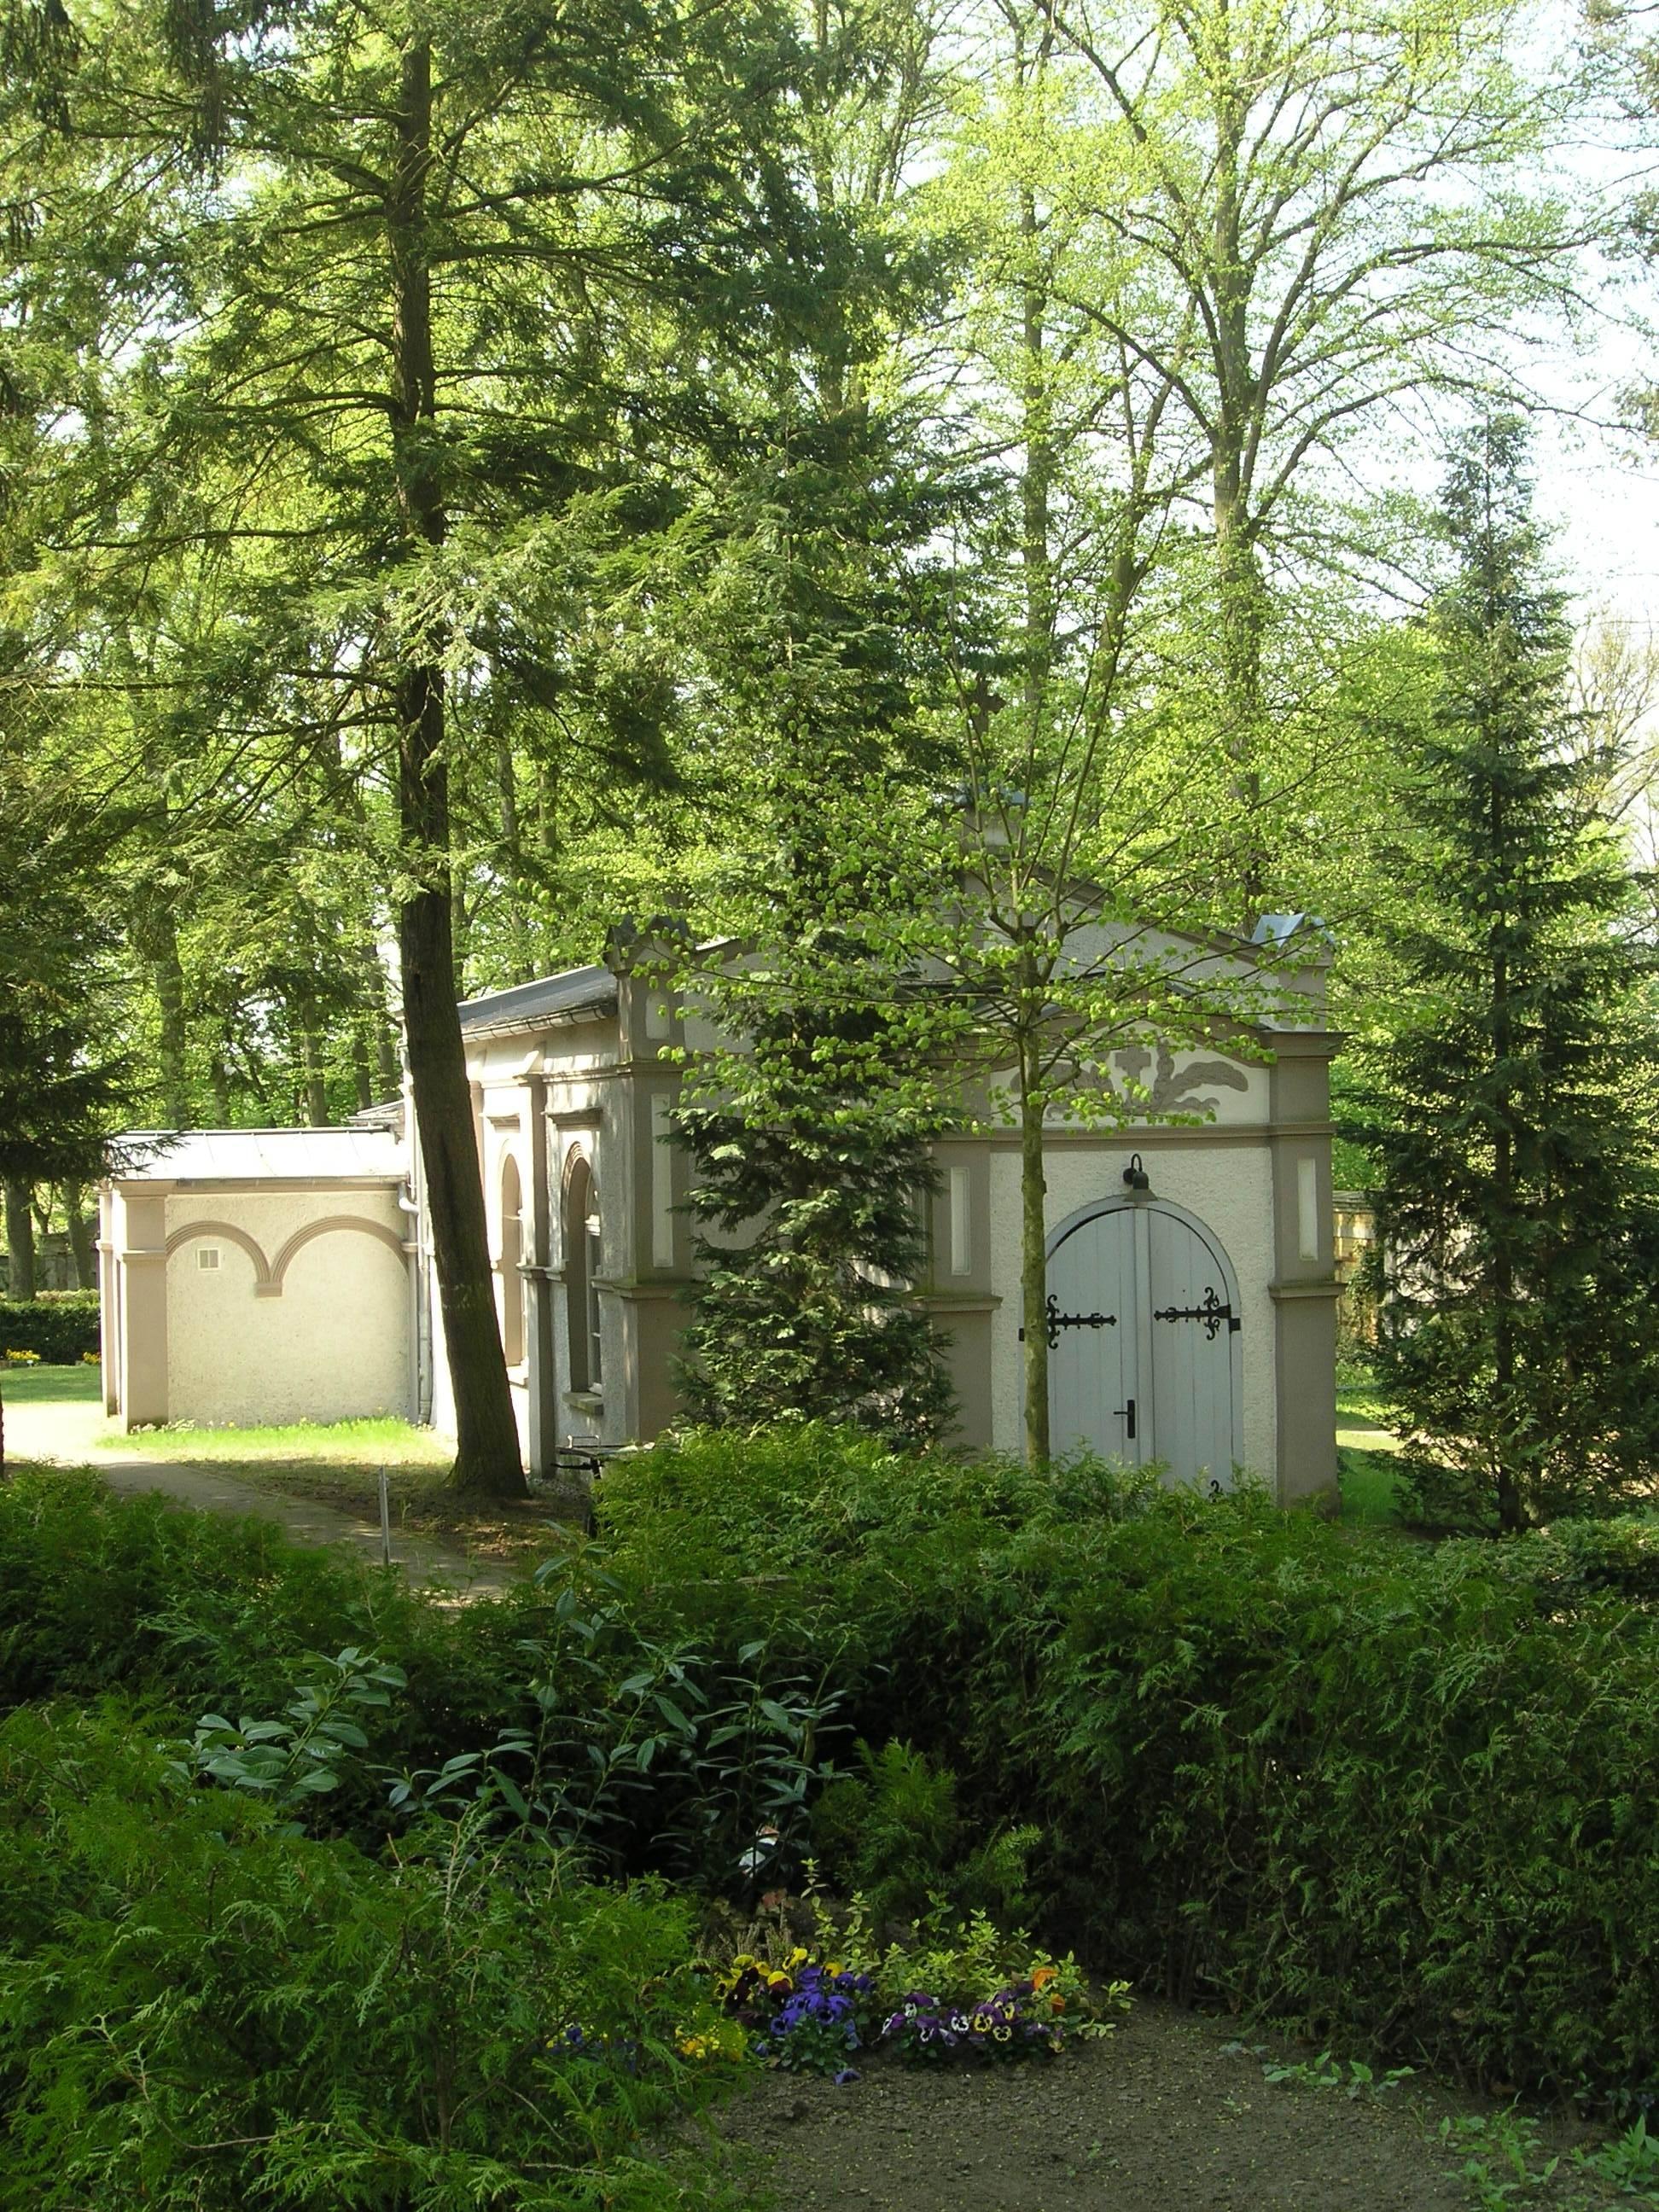 BAR-Biesenth-Friedhofskap.jpg